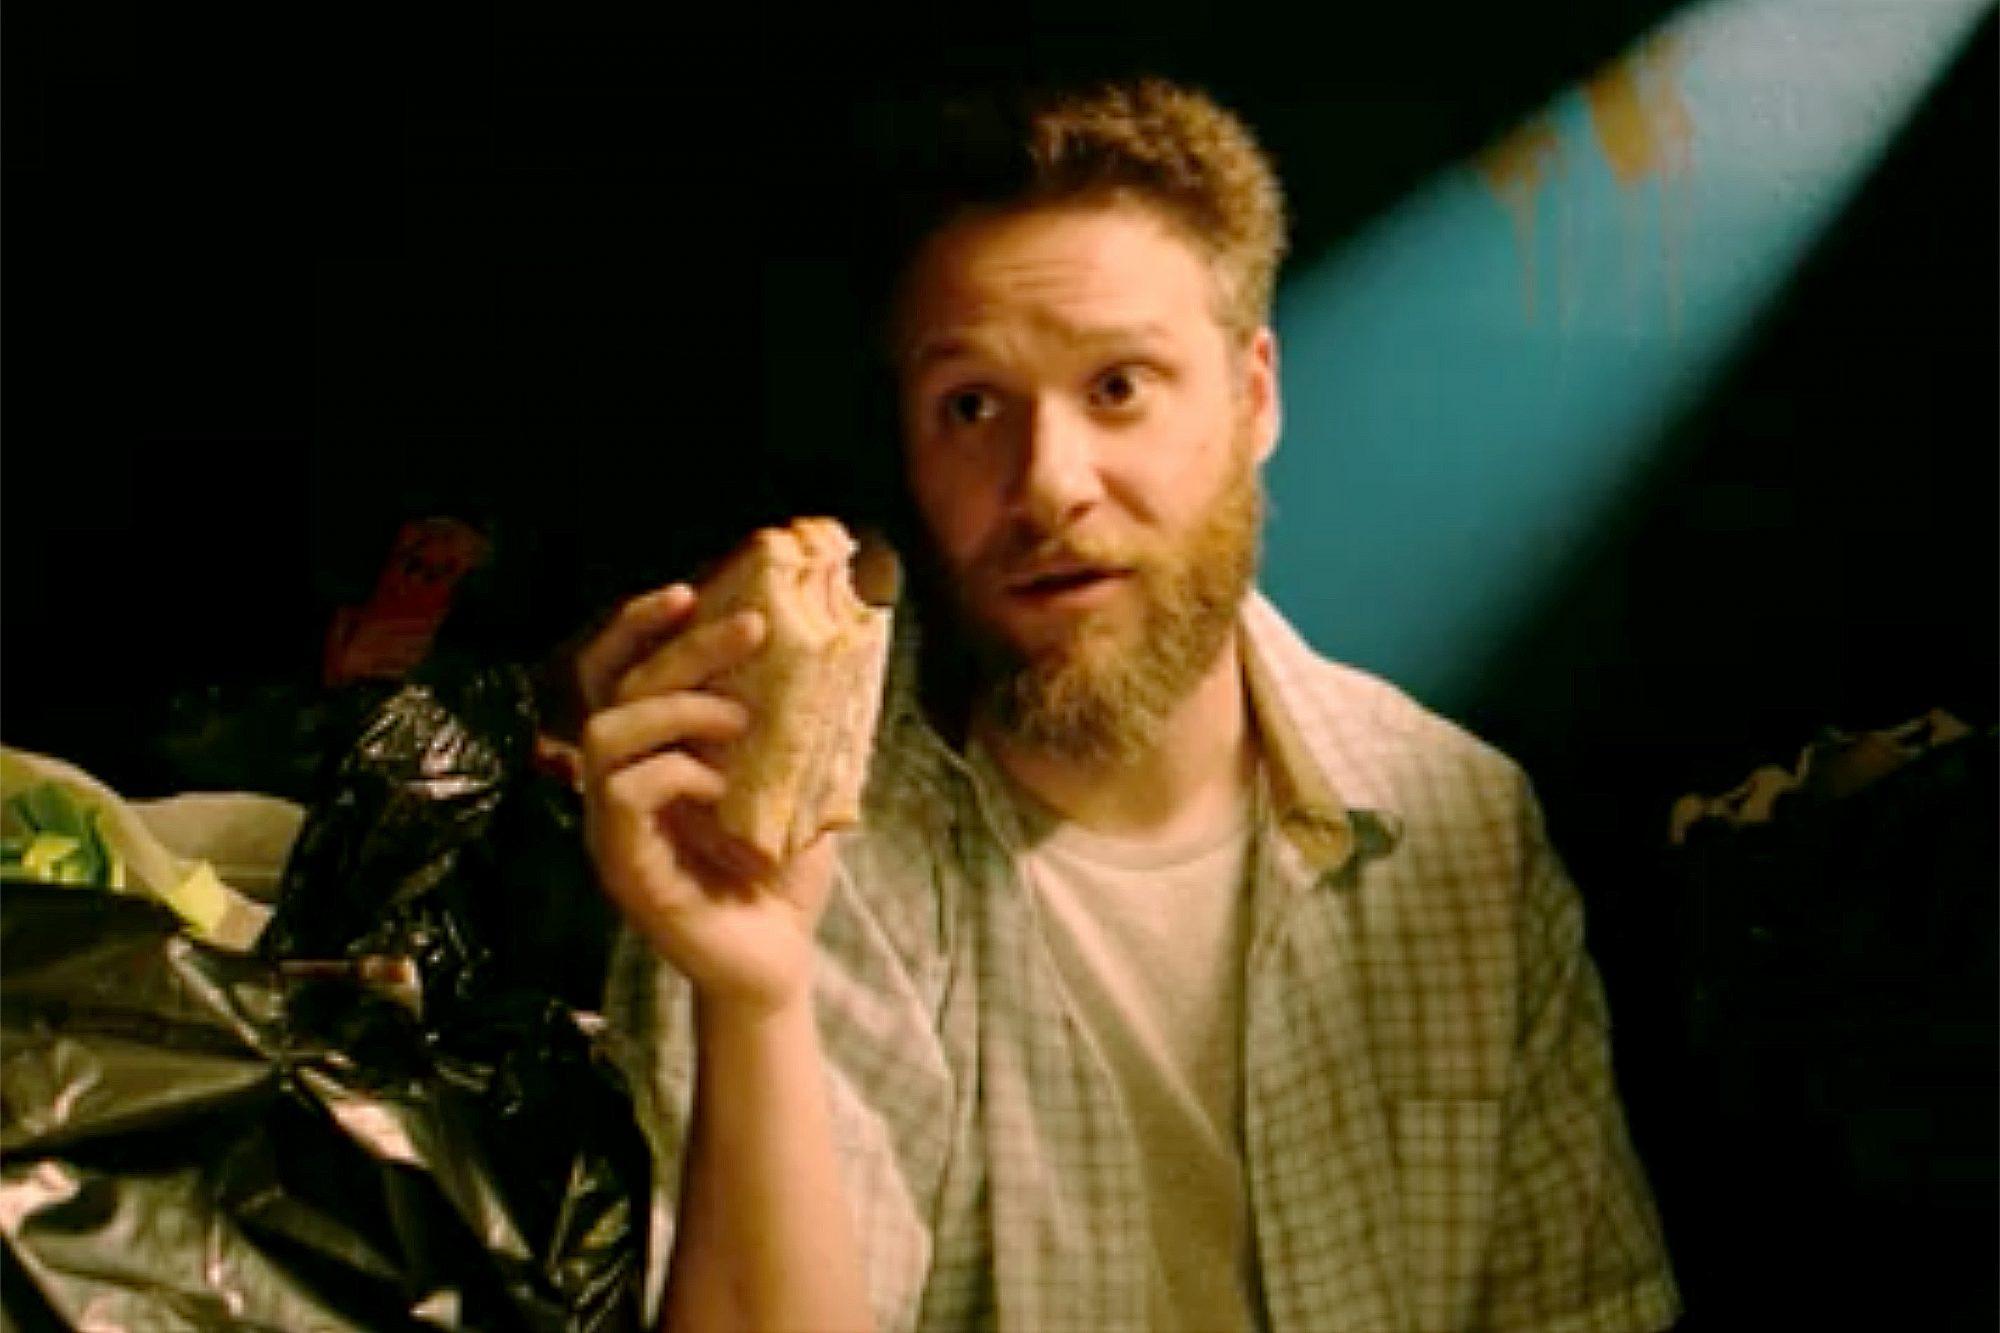 Seth Rogen and James Franco in Dumpster Diving short film